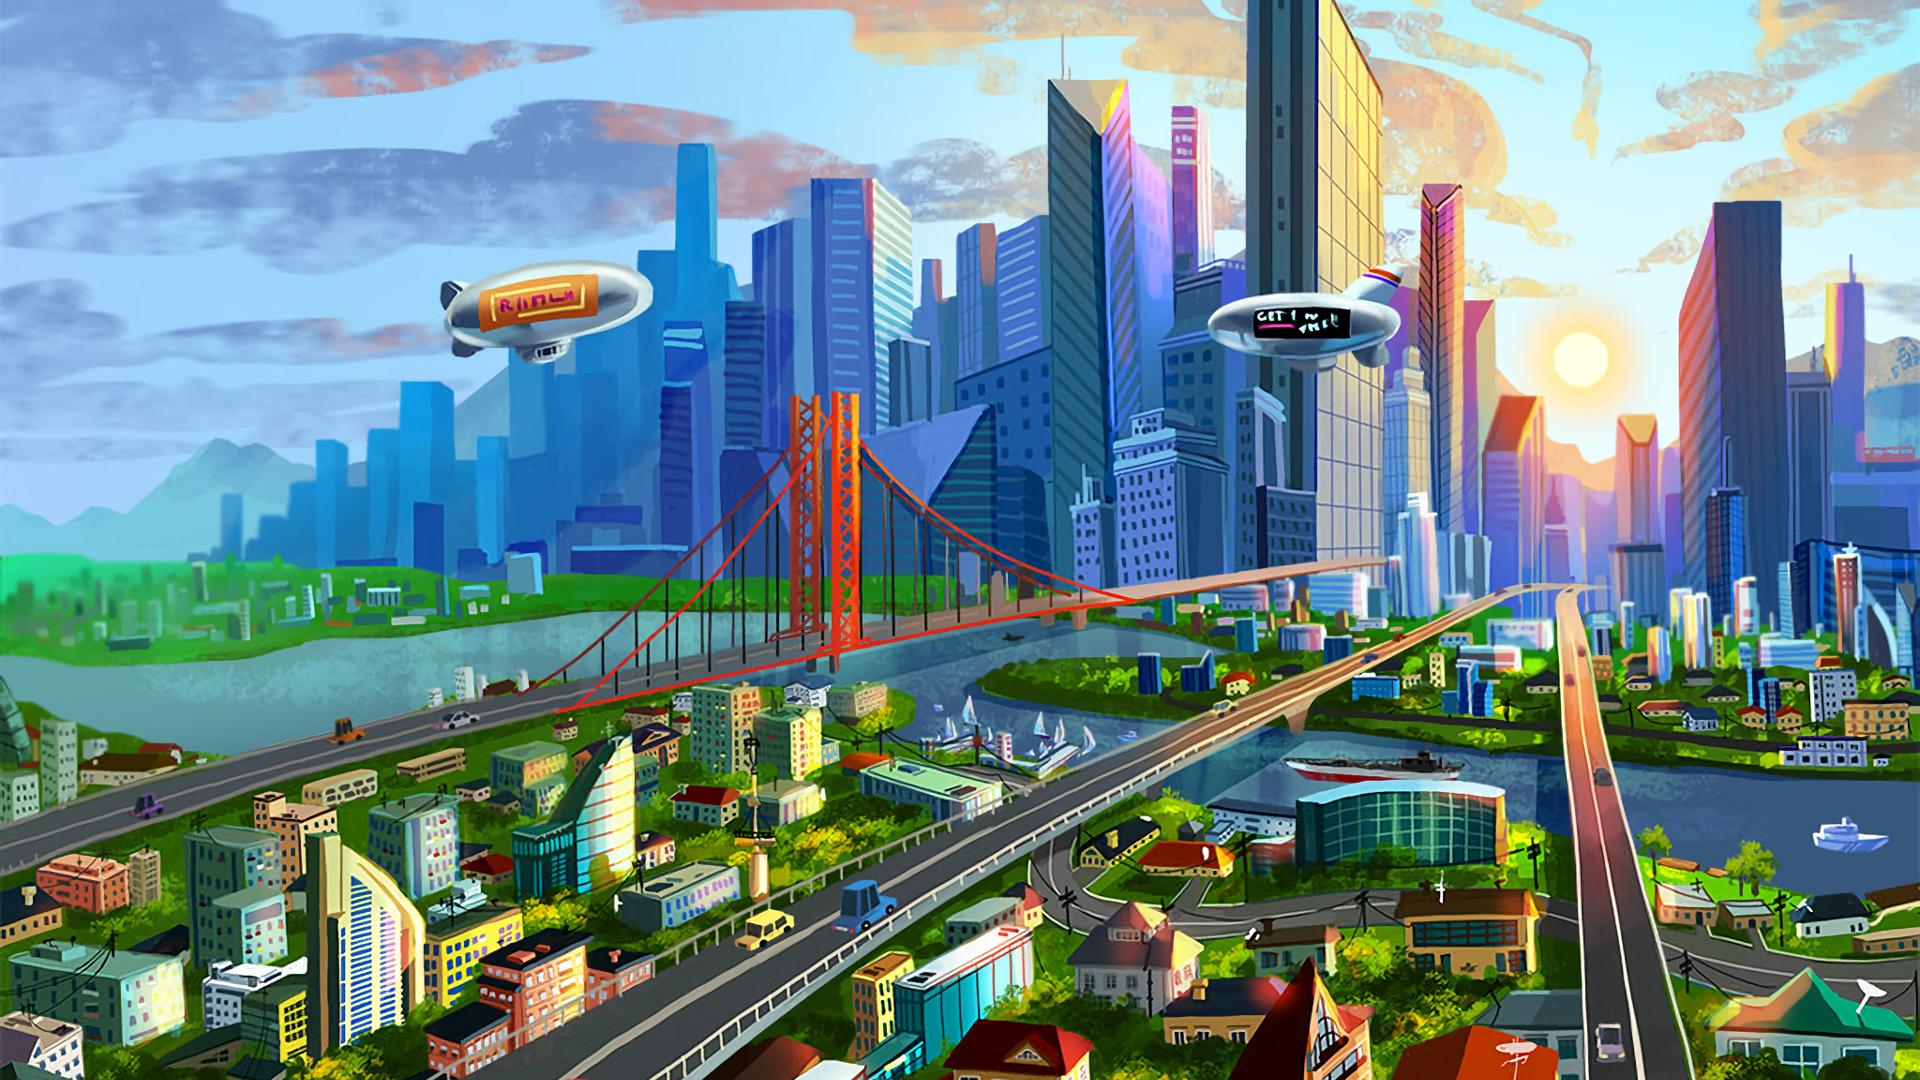 города картинки на получение как